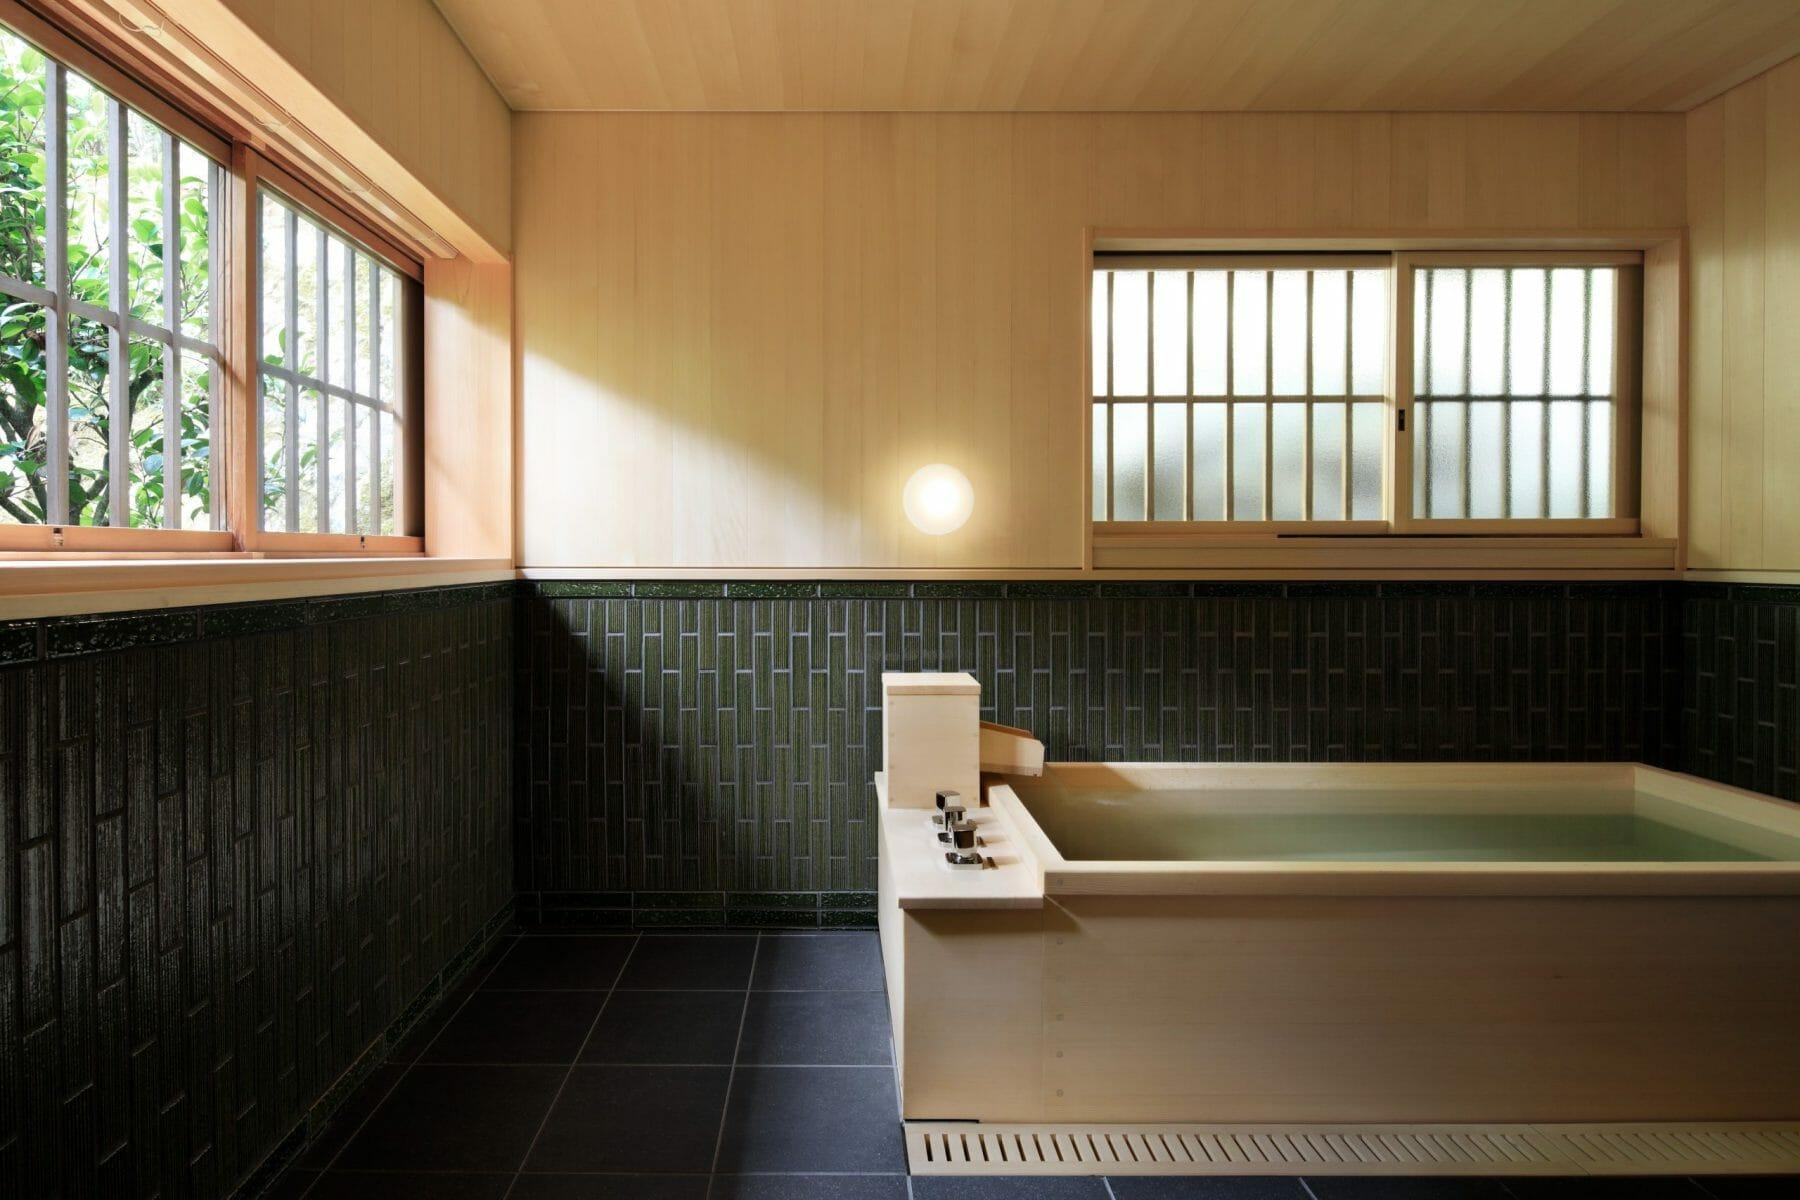 やわらかい光が入り込む風呂。